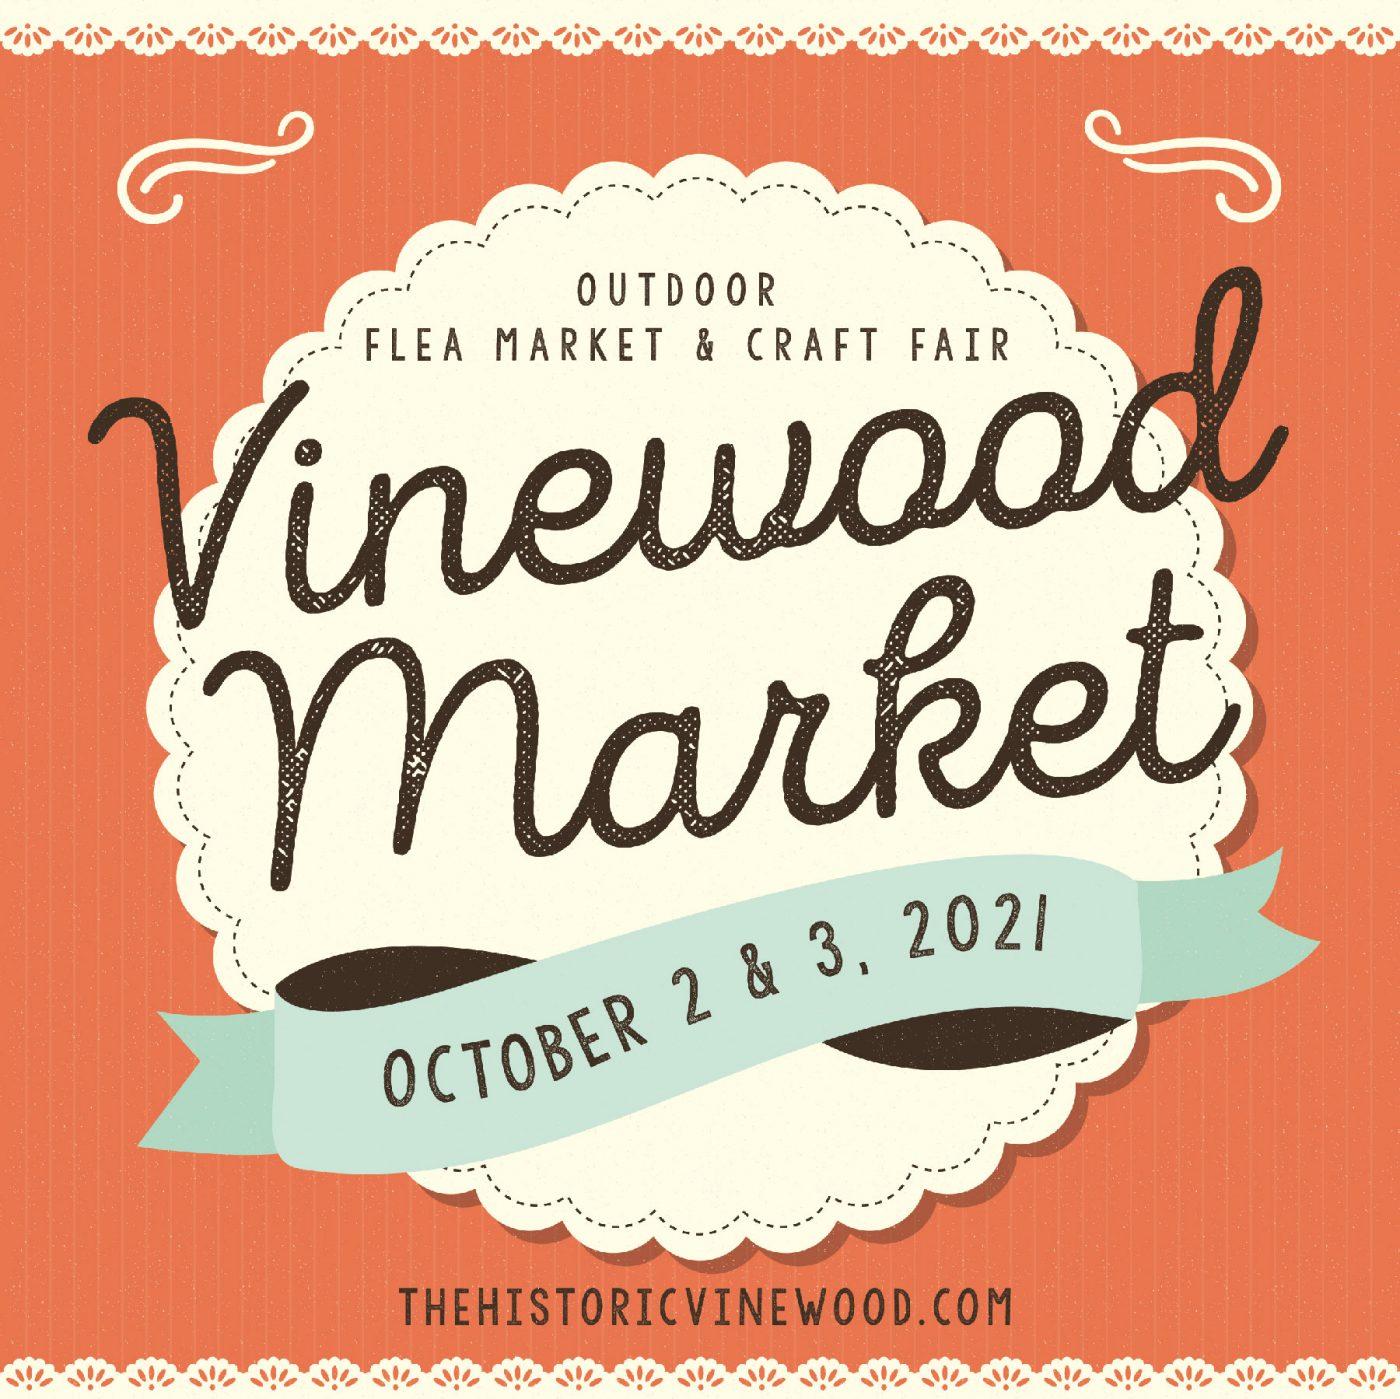 Vinewood Market – FREE ADMISSION